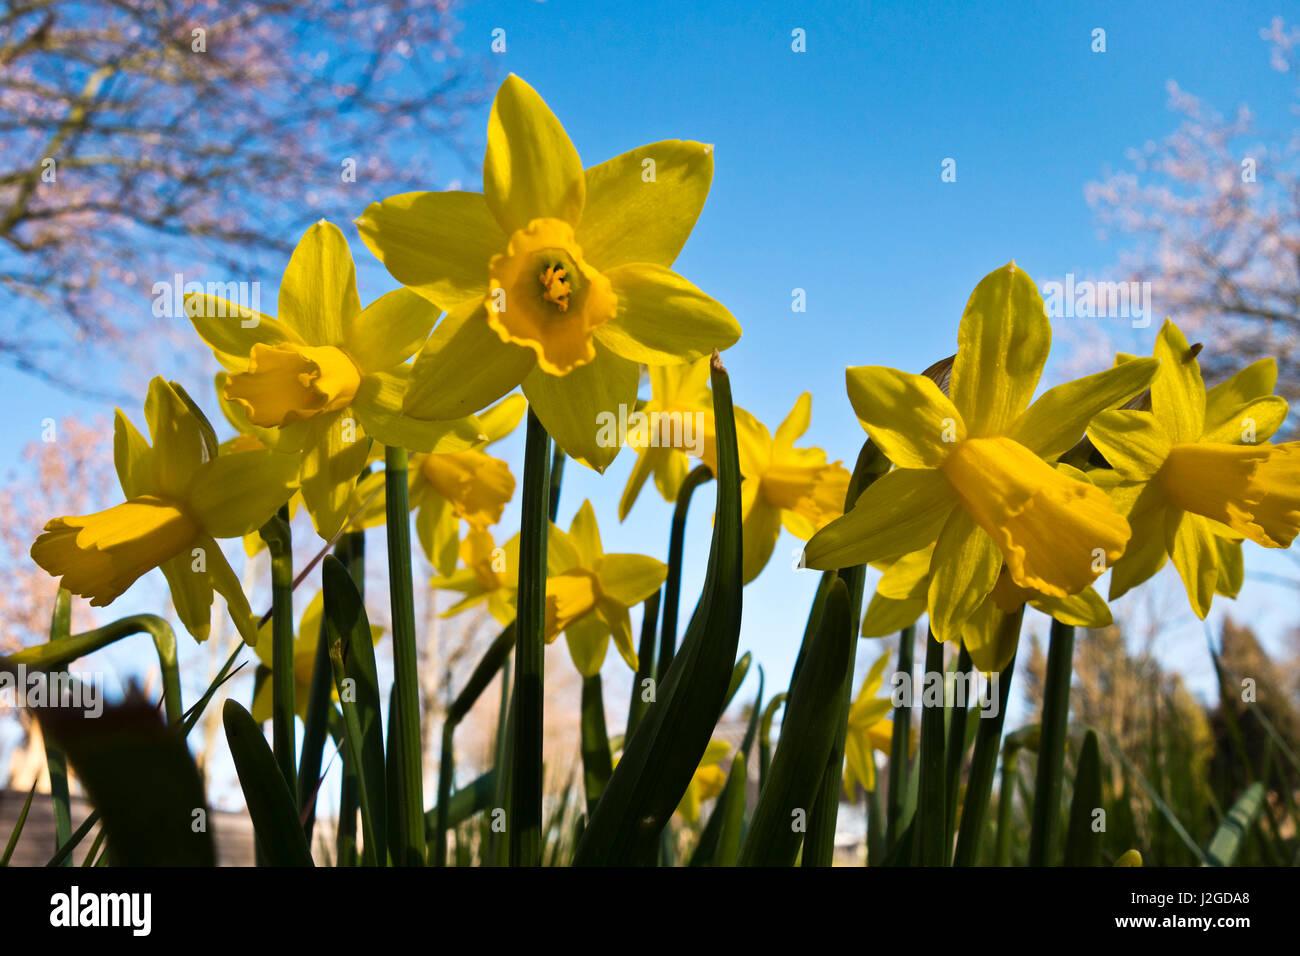 Narcisos Amarillos Flores En Un Jardin Foto Imagen De Stock - Narcisos-amarillos